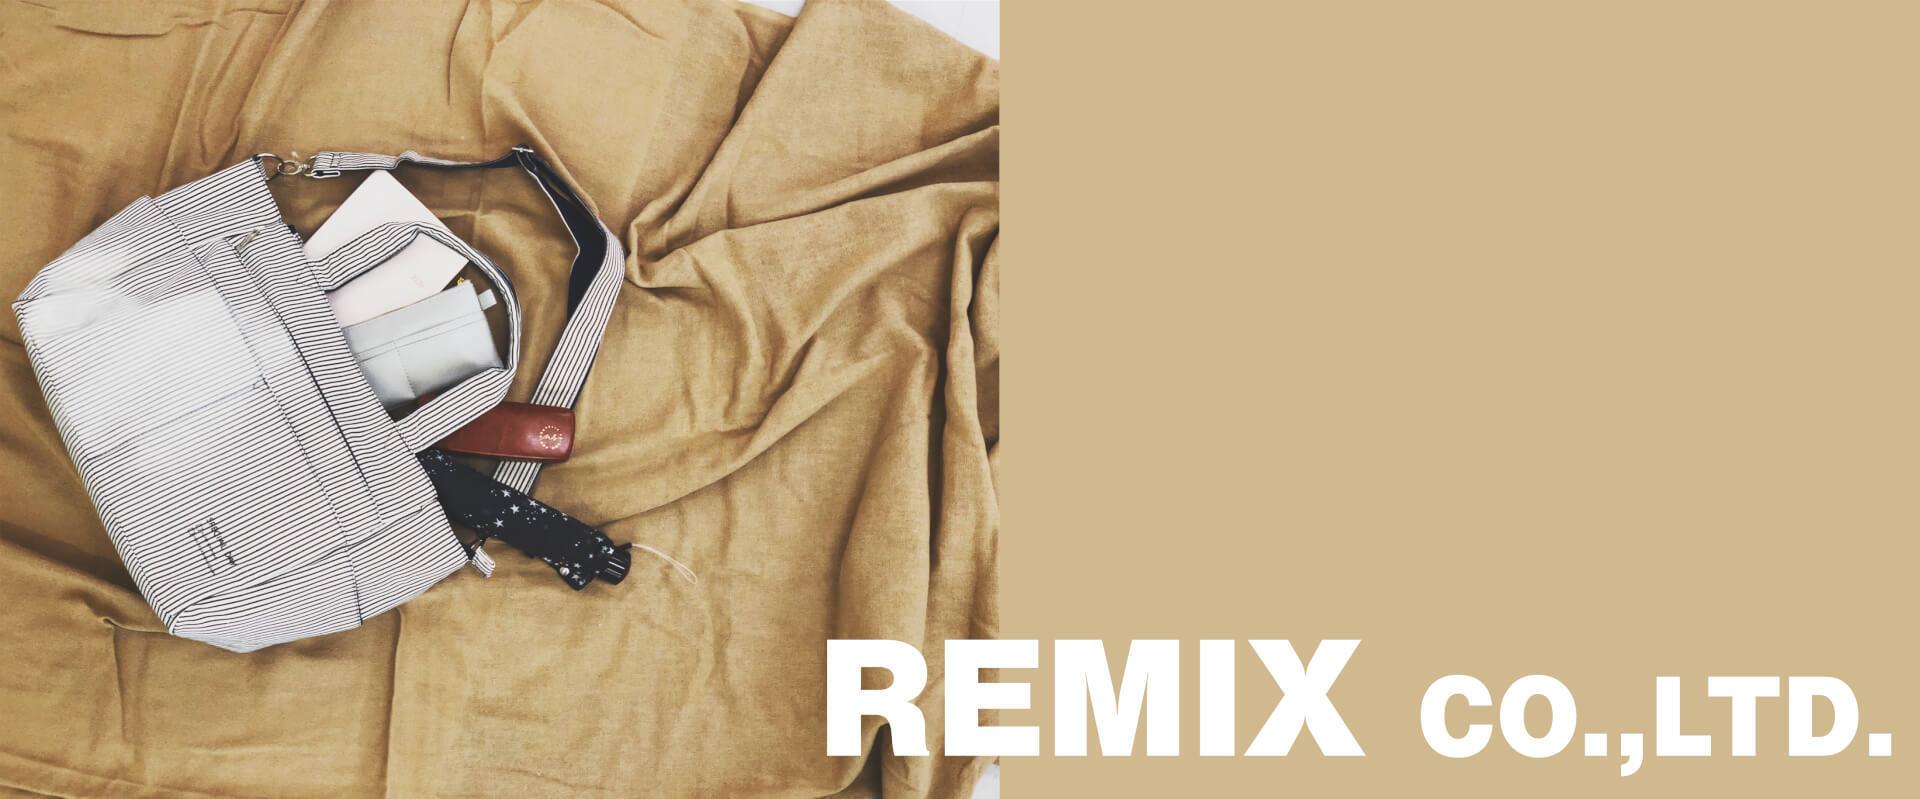 【デザイナー】服飾雑貨(バッグ、財布など)をご担当頂きます!のカバー写真